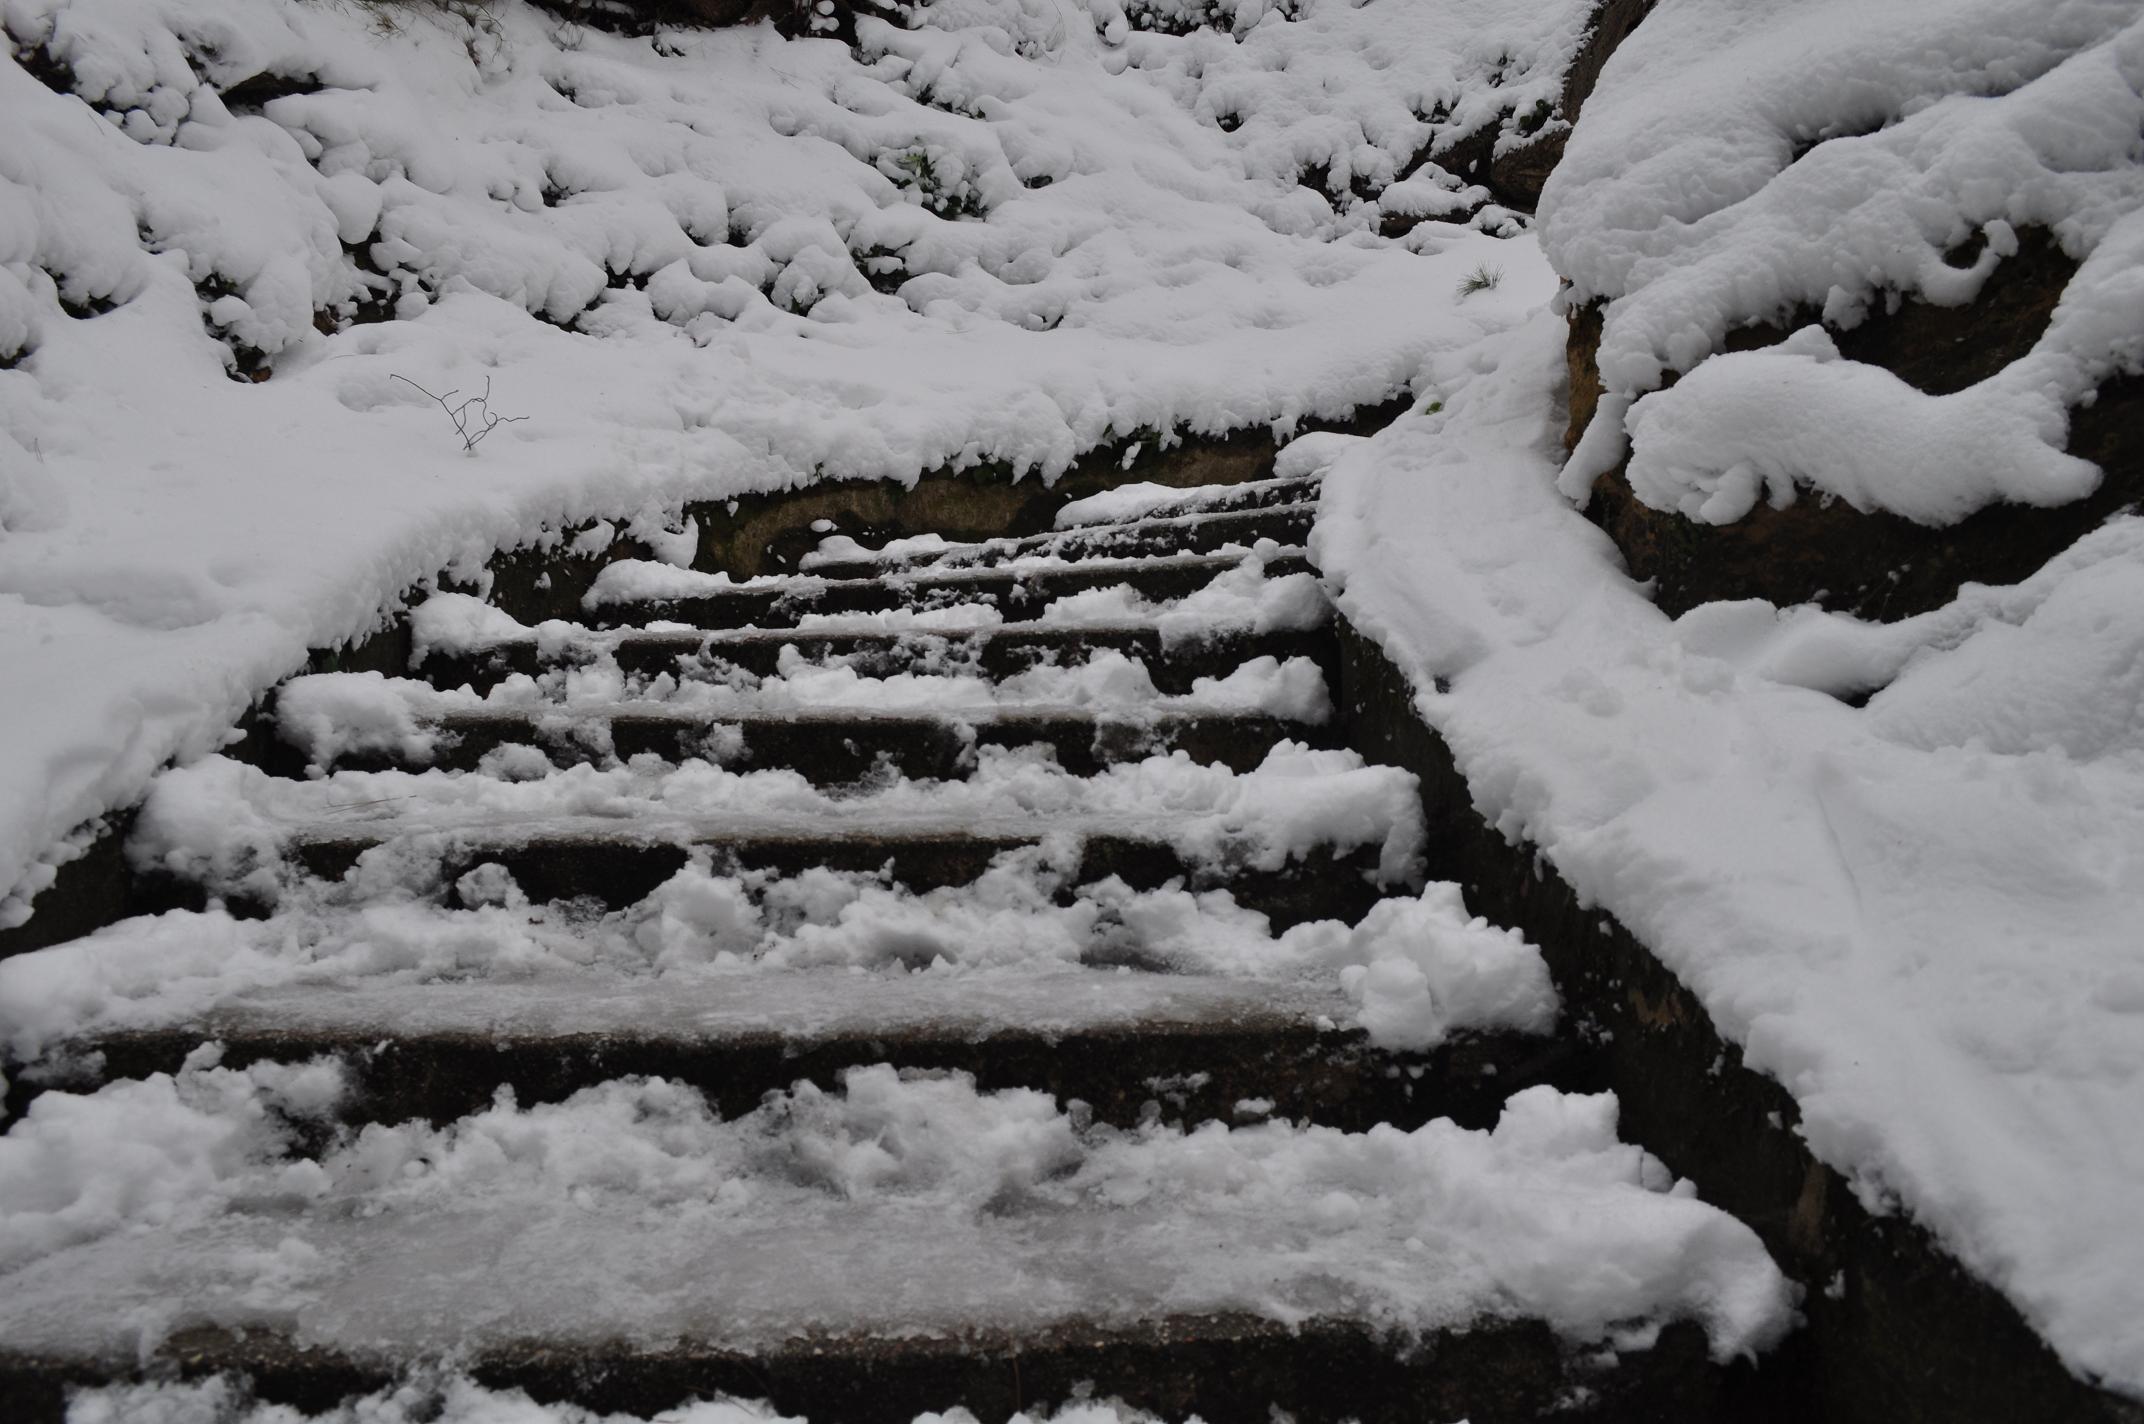 Neve a Cupra, 6 febbraio 2012 foto di Valeria Tommolini 6